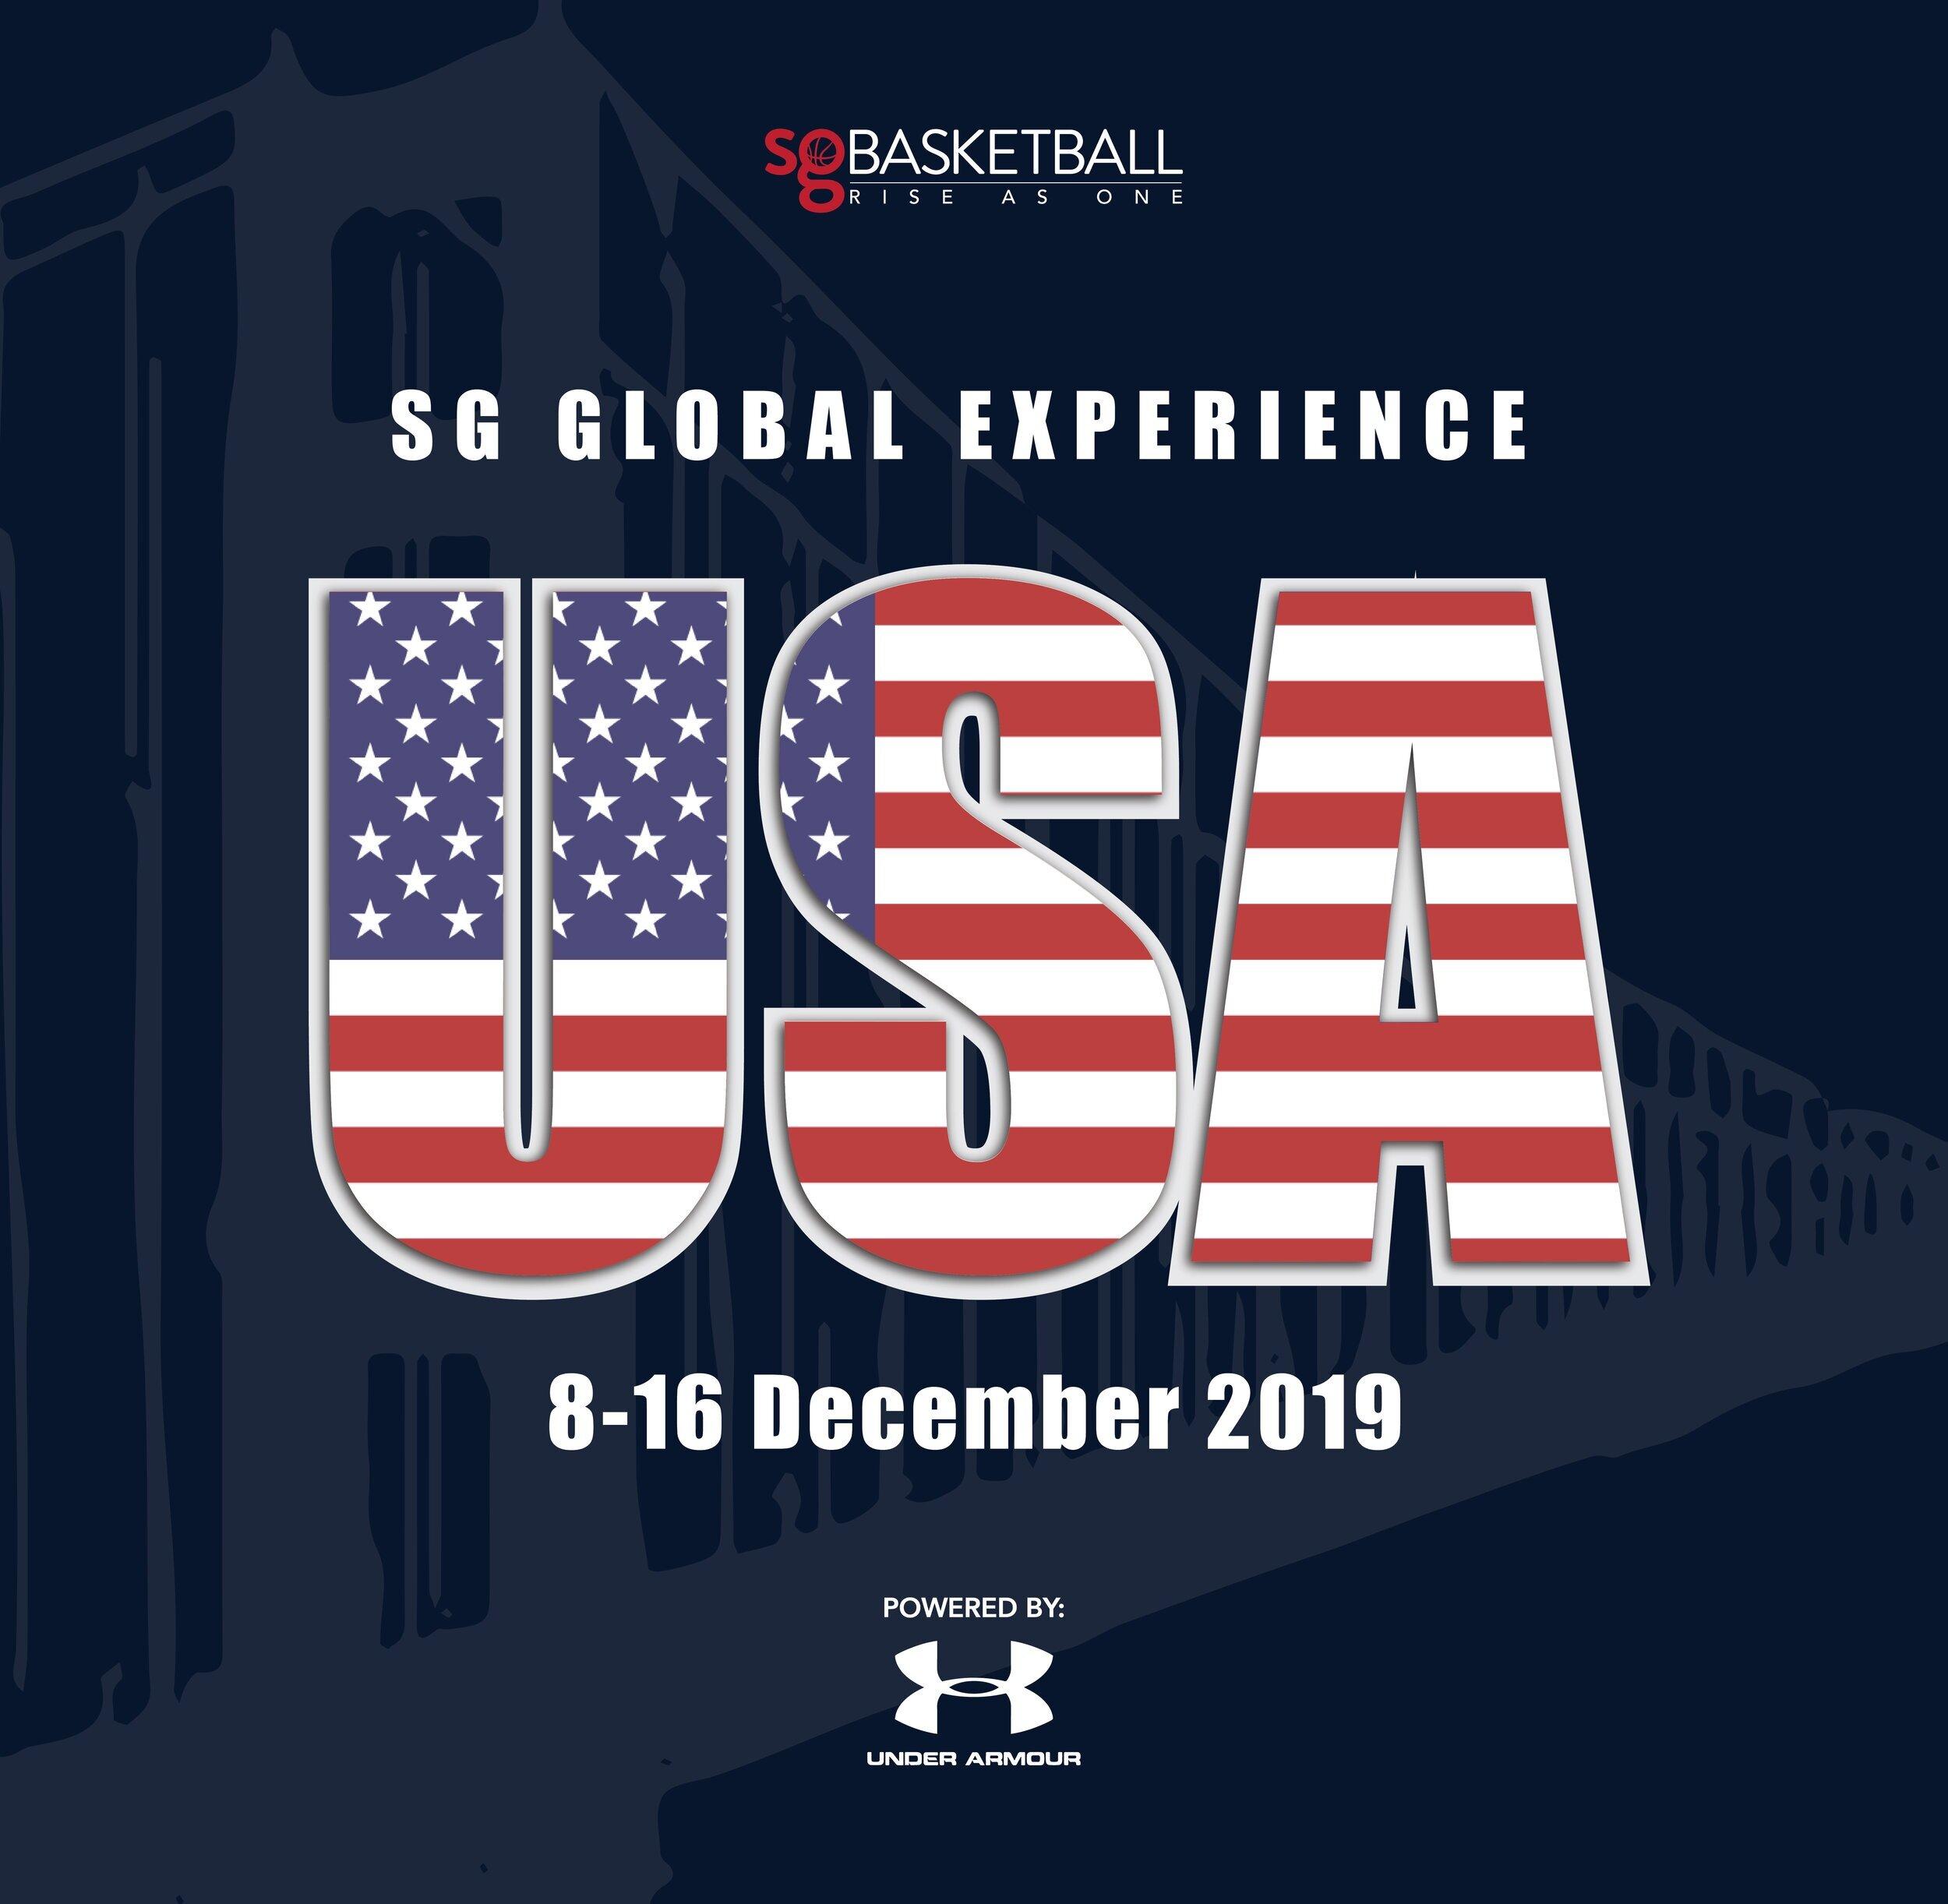 global+exp+USA-01.jpg